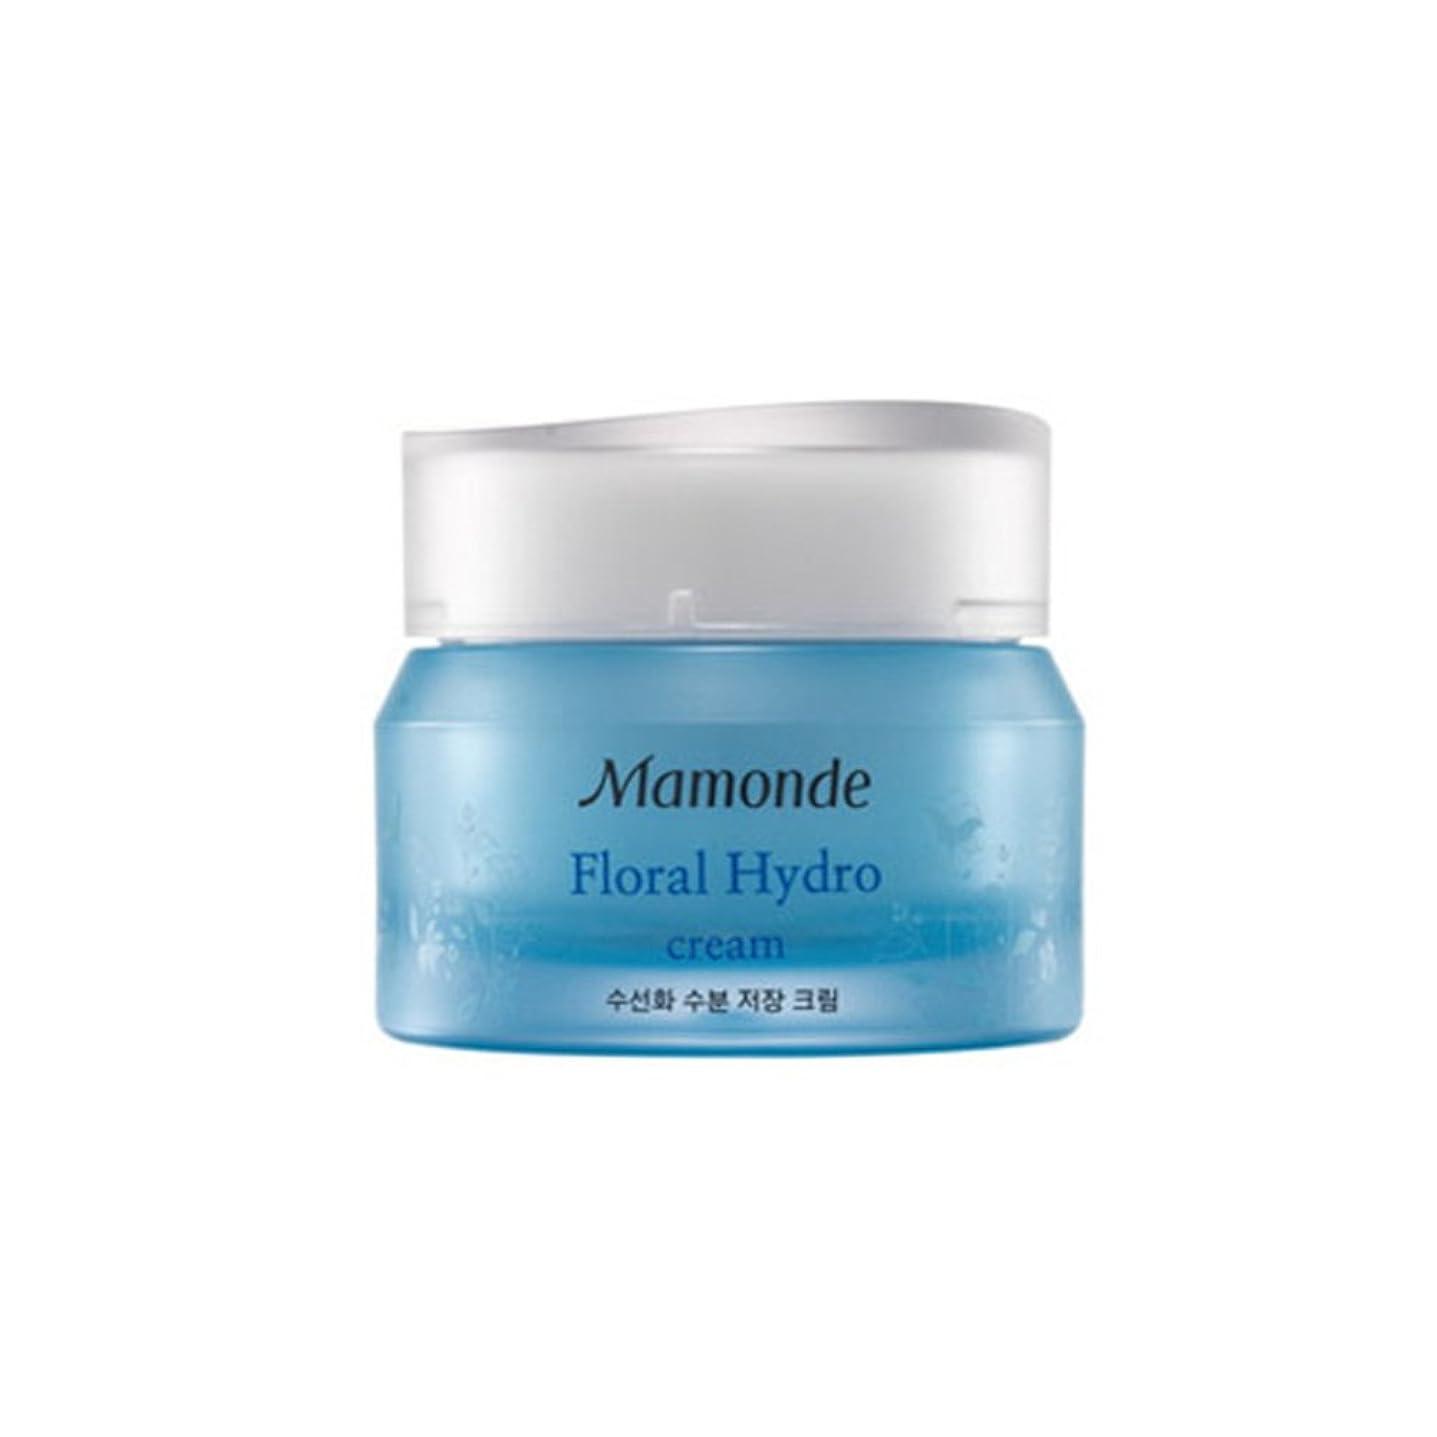 早いエイズ何でも(マモンド) MAMONDE Floral Hydro Cream フローラルハイドロ クリーム (韓国直発送) oopspanda